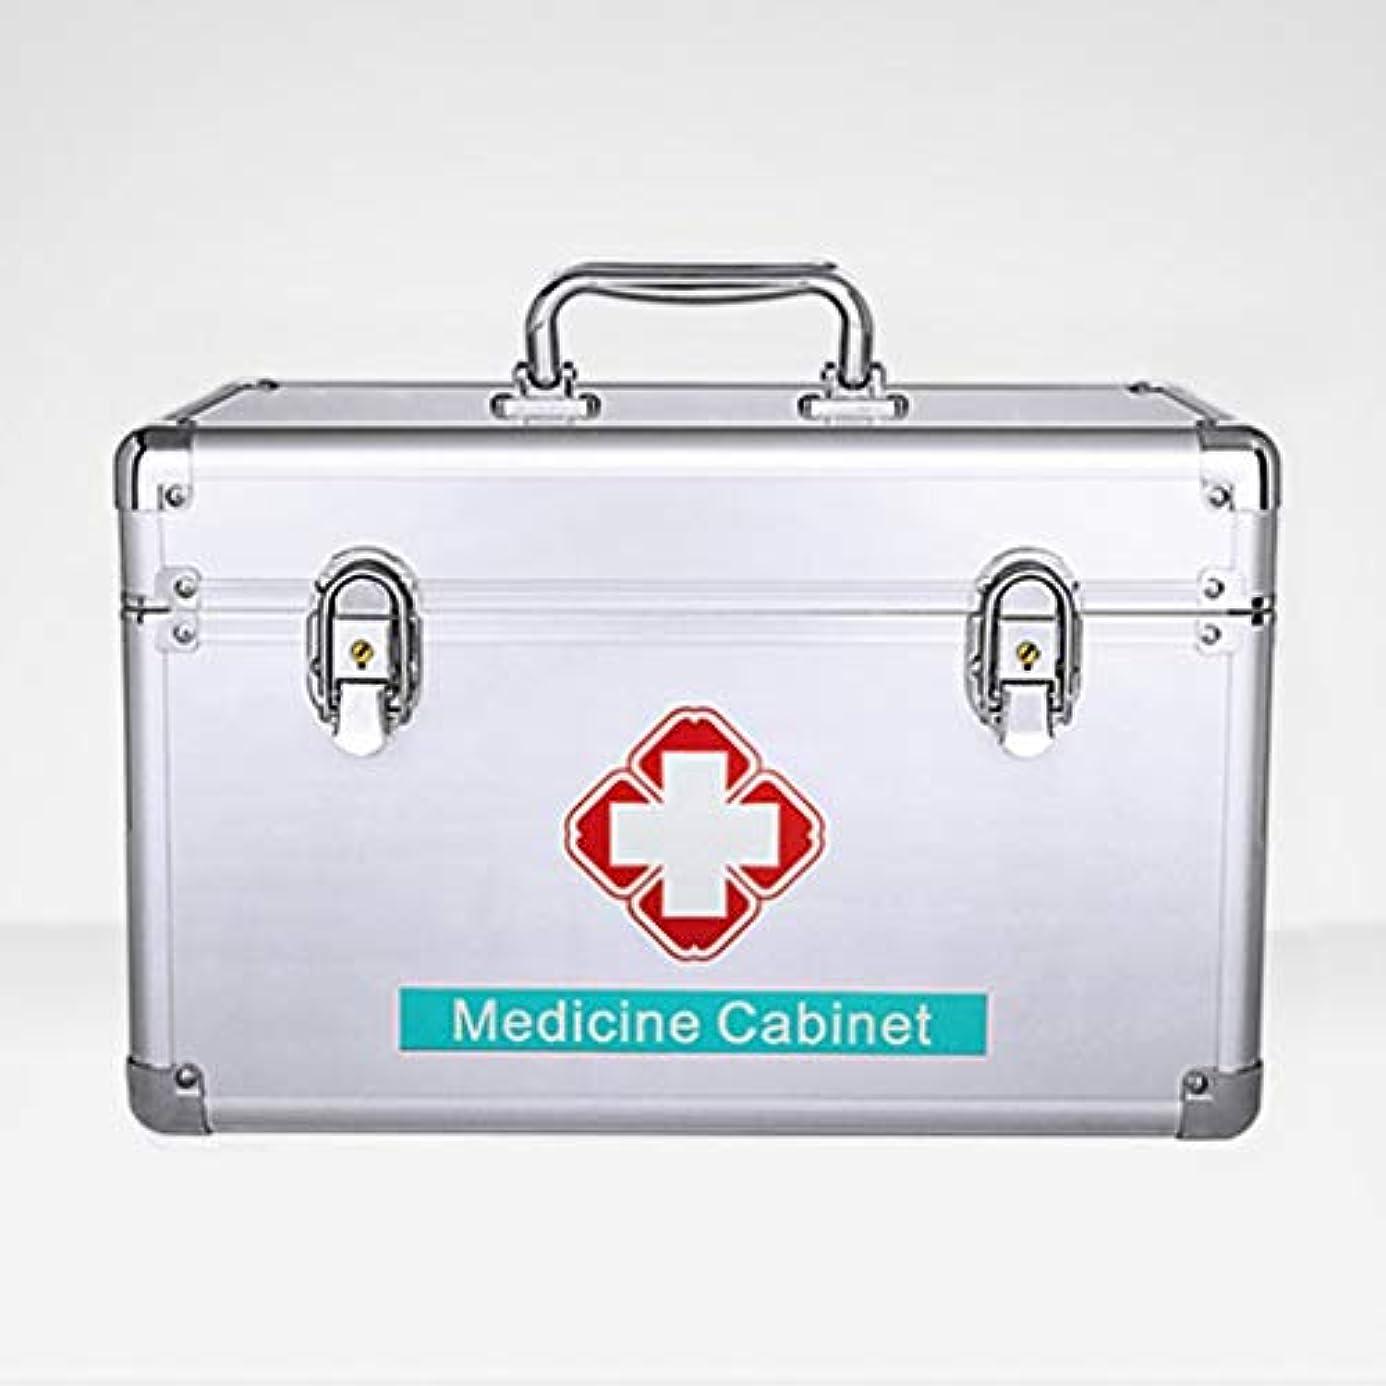 主婦立ち寄る回転緊急用バッグ 薬収納ボックスアルミ合金ポータブル医療ケース多層応急処置キット家庭用/M、L、XL、XXLのフルセット HMMSP (Size : XL)